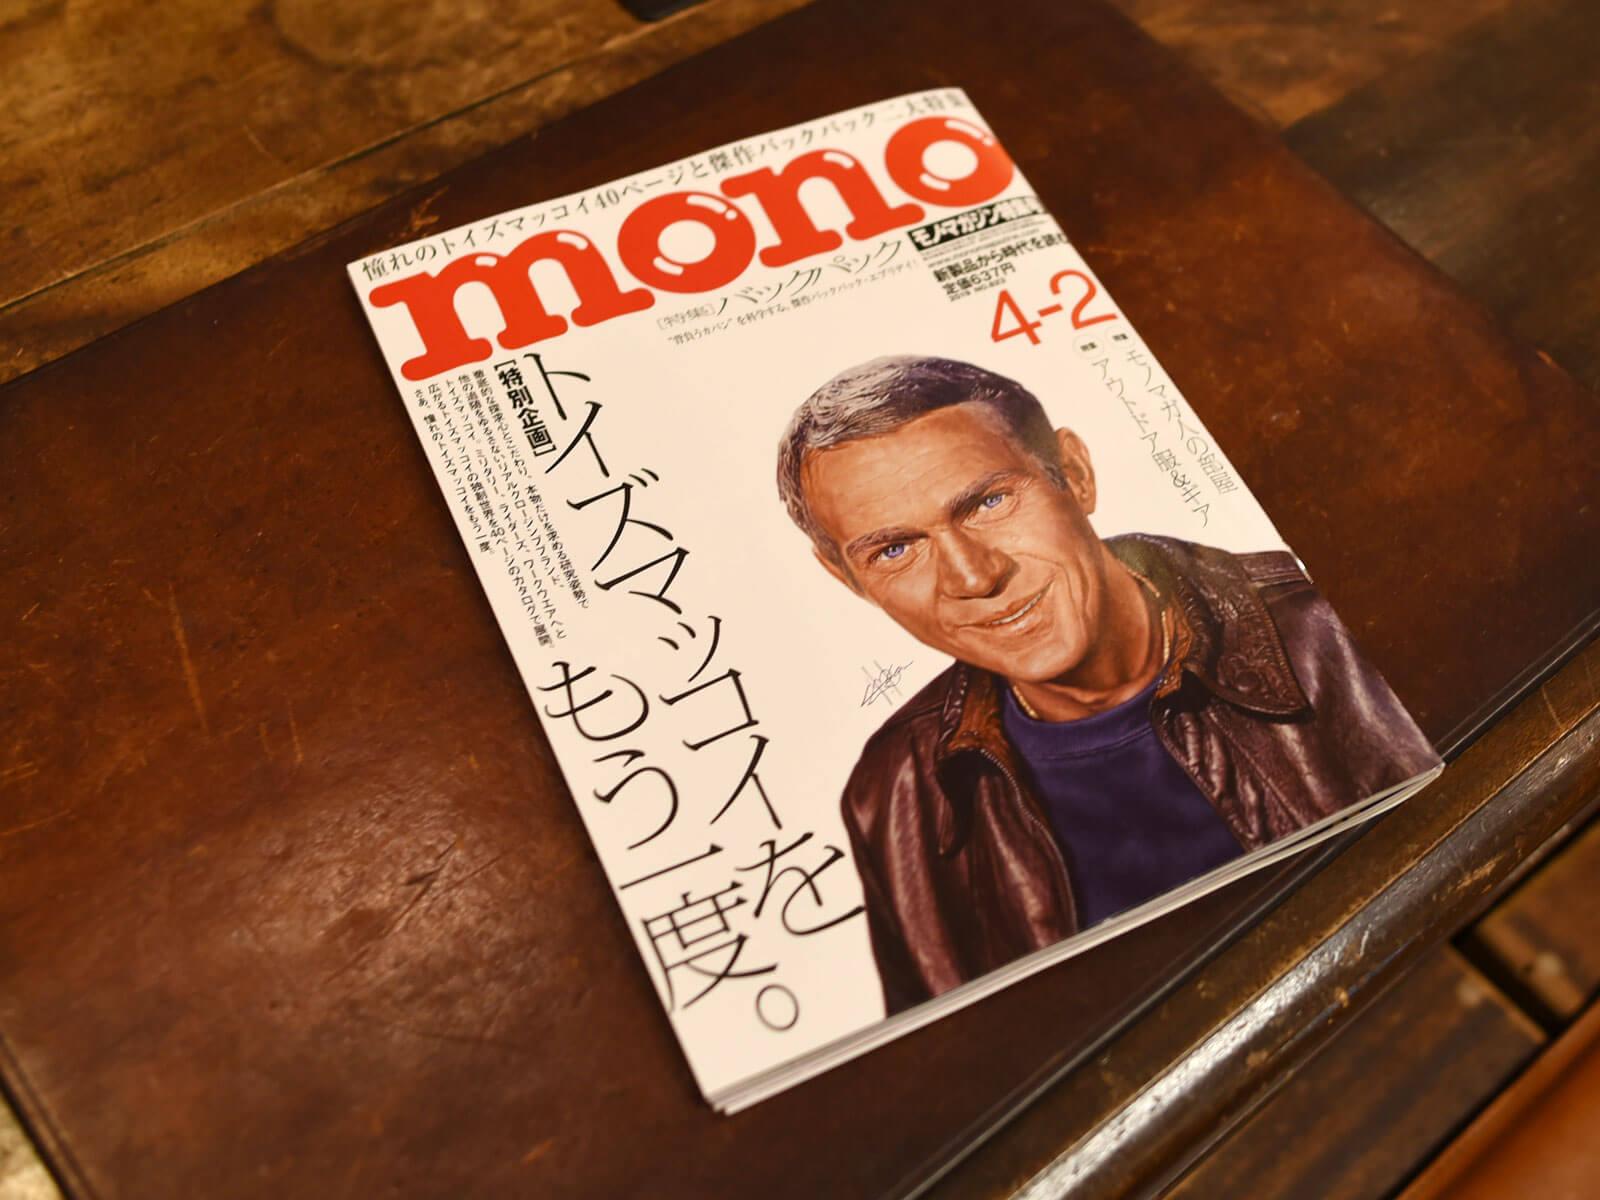 雑誌掲載のお知らせ「モノ・マガジン2019年4月2日特集号」